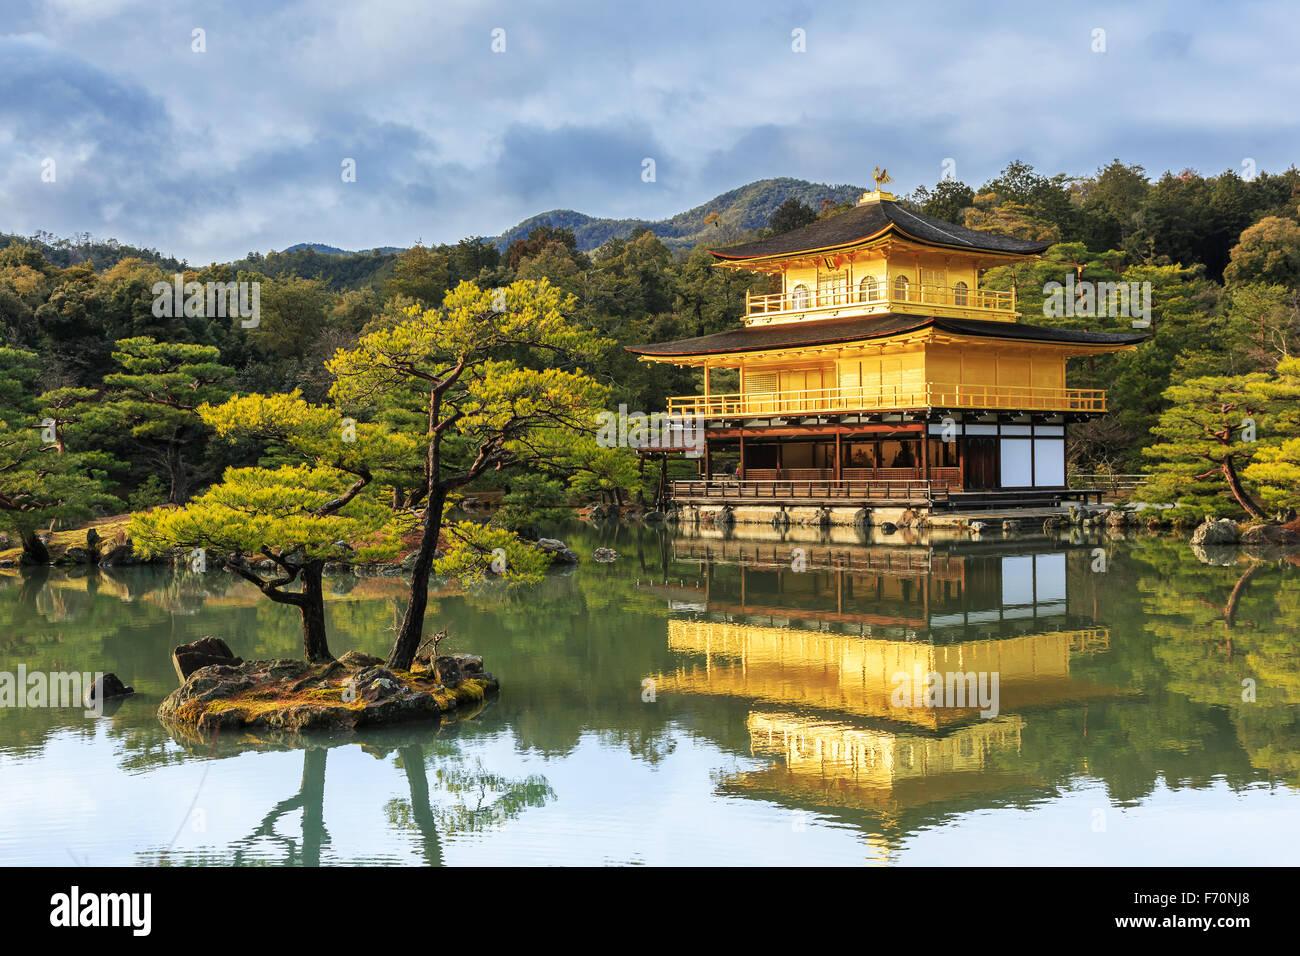 Pabellón de Kinkakuji Templo Dorado en Kyoto, Japón Imagen De Stock